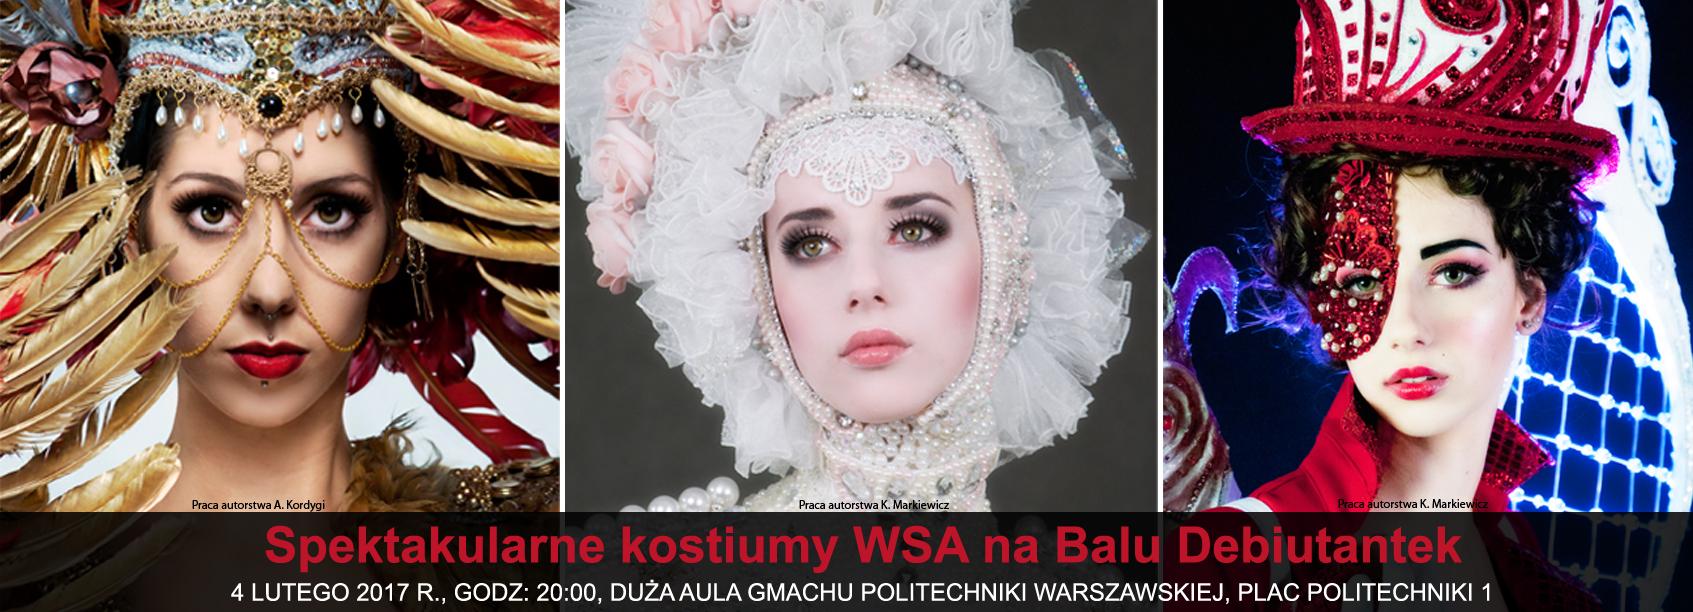 wyzsza szkola artystyczna, bal debiutantek, pokaz, kostium i rekwizyt sceniczny, politechnika warszawska